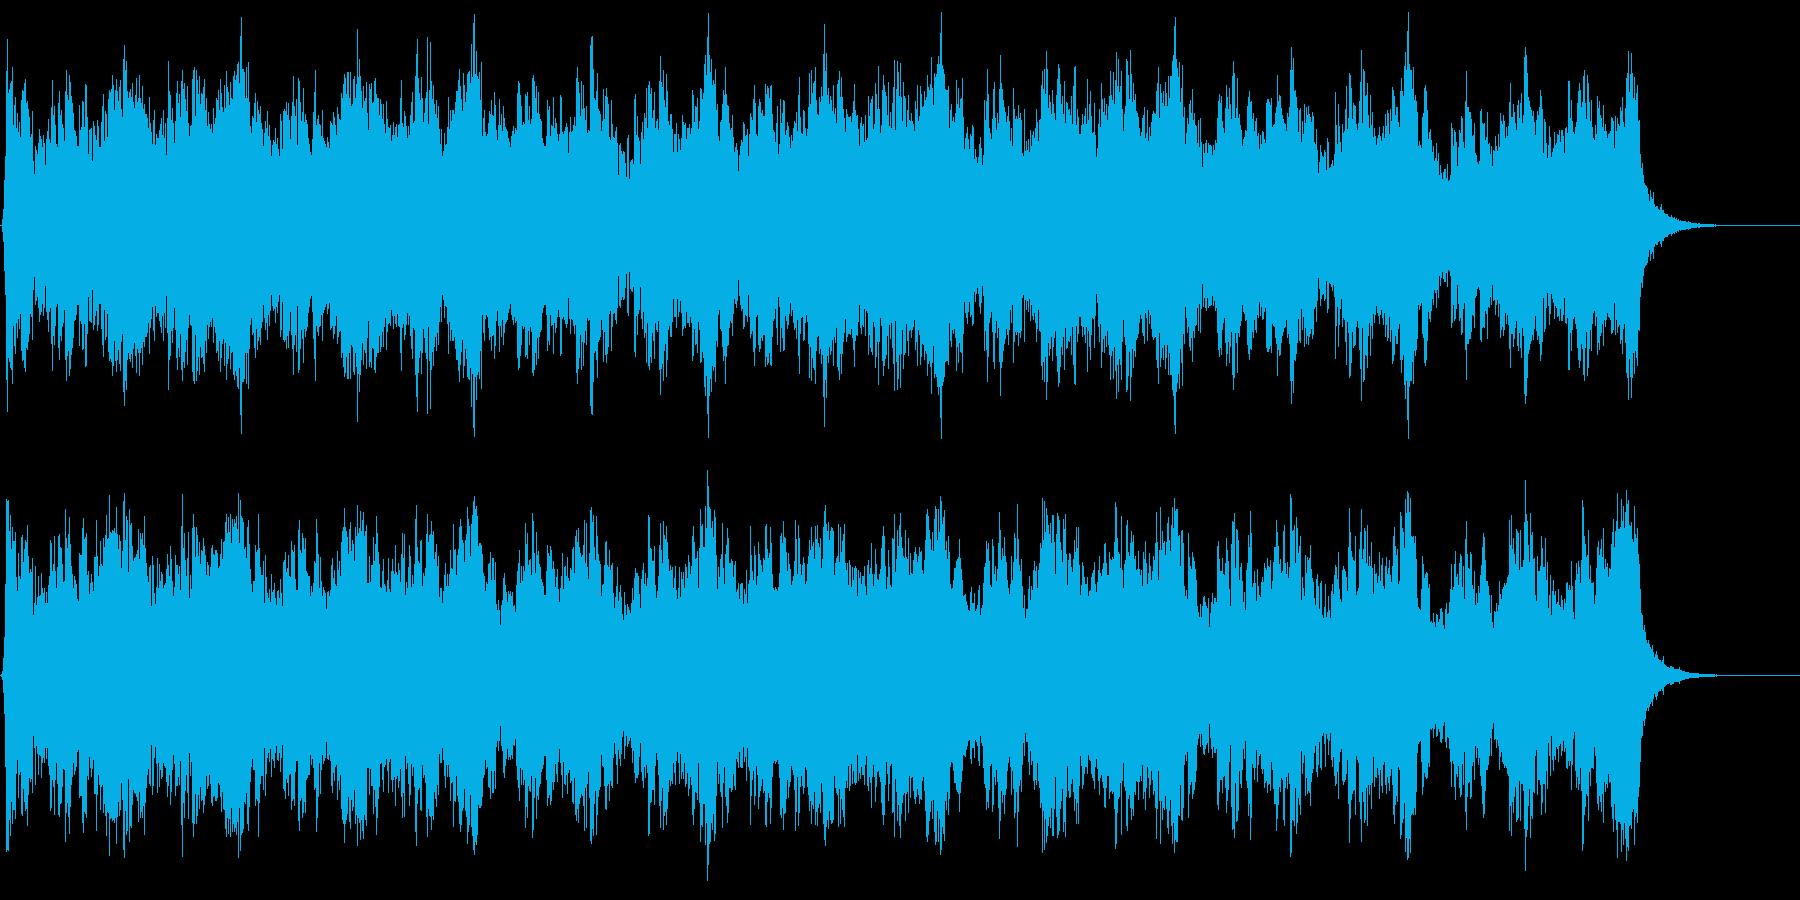 進軍の緊張を描くハリウッド系オーケストラの再生済みの波形